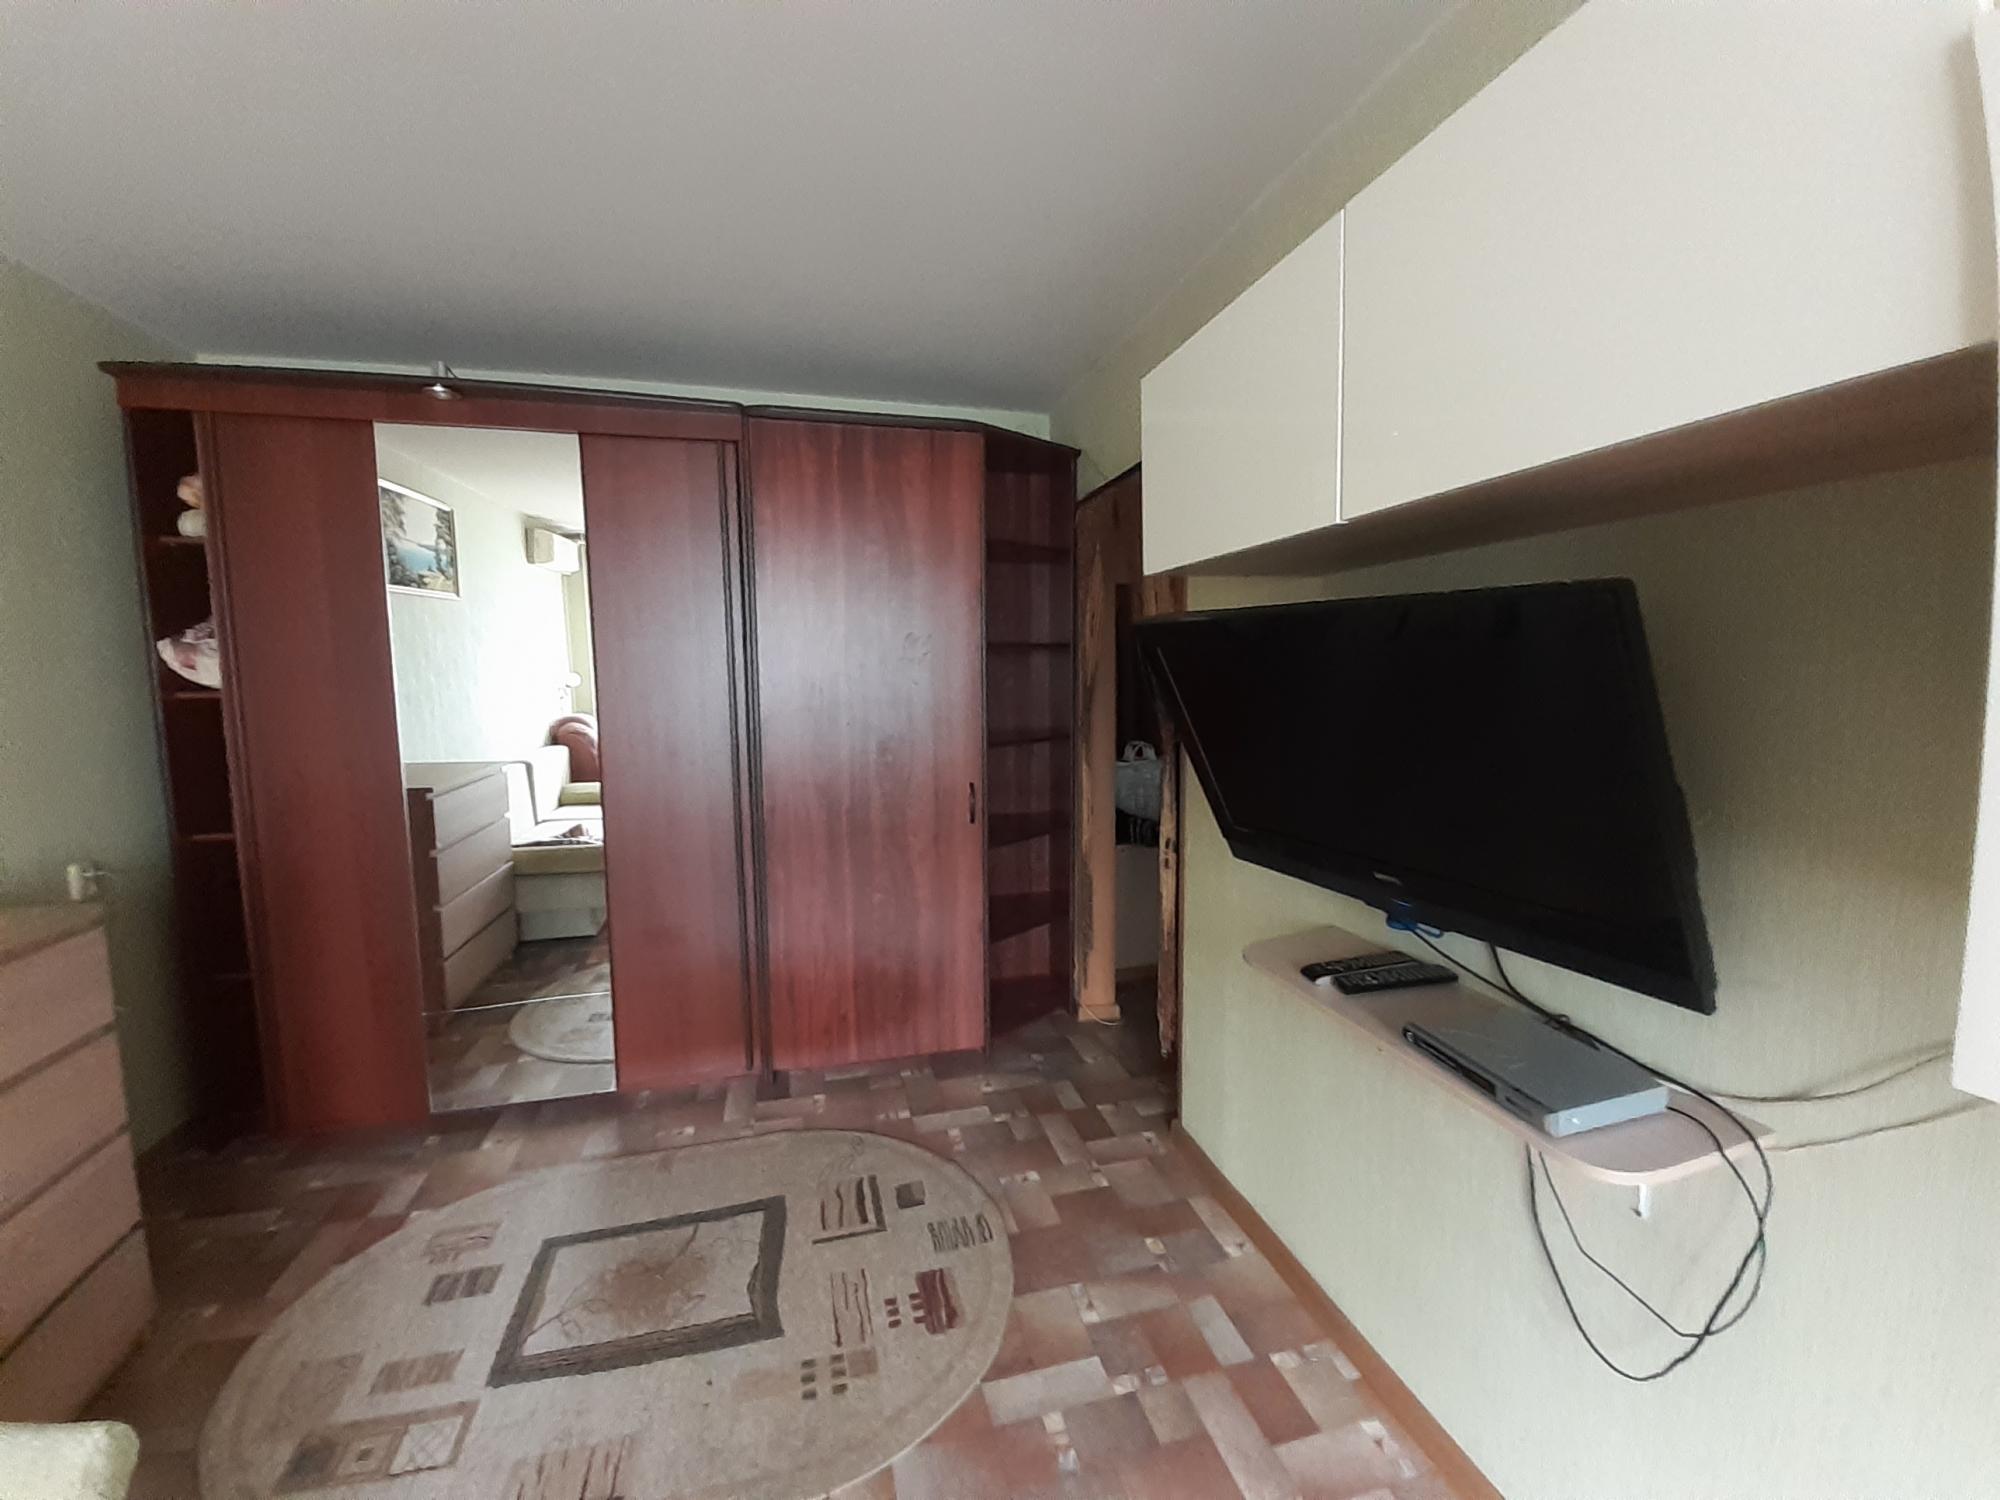 Аренда 1-комнатной квартиры, г. Тольятти, Тополиная улица  дом 50